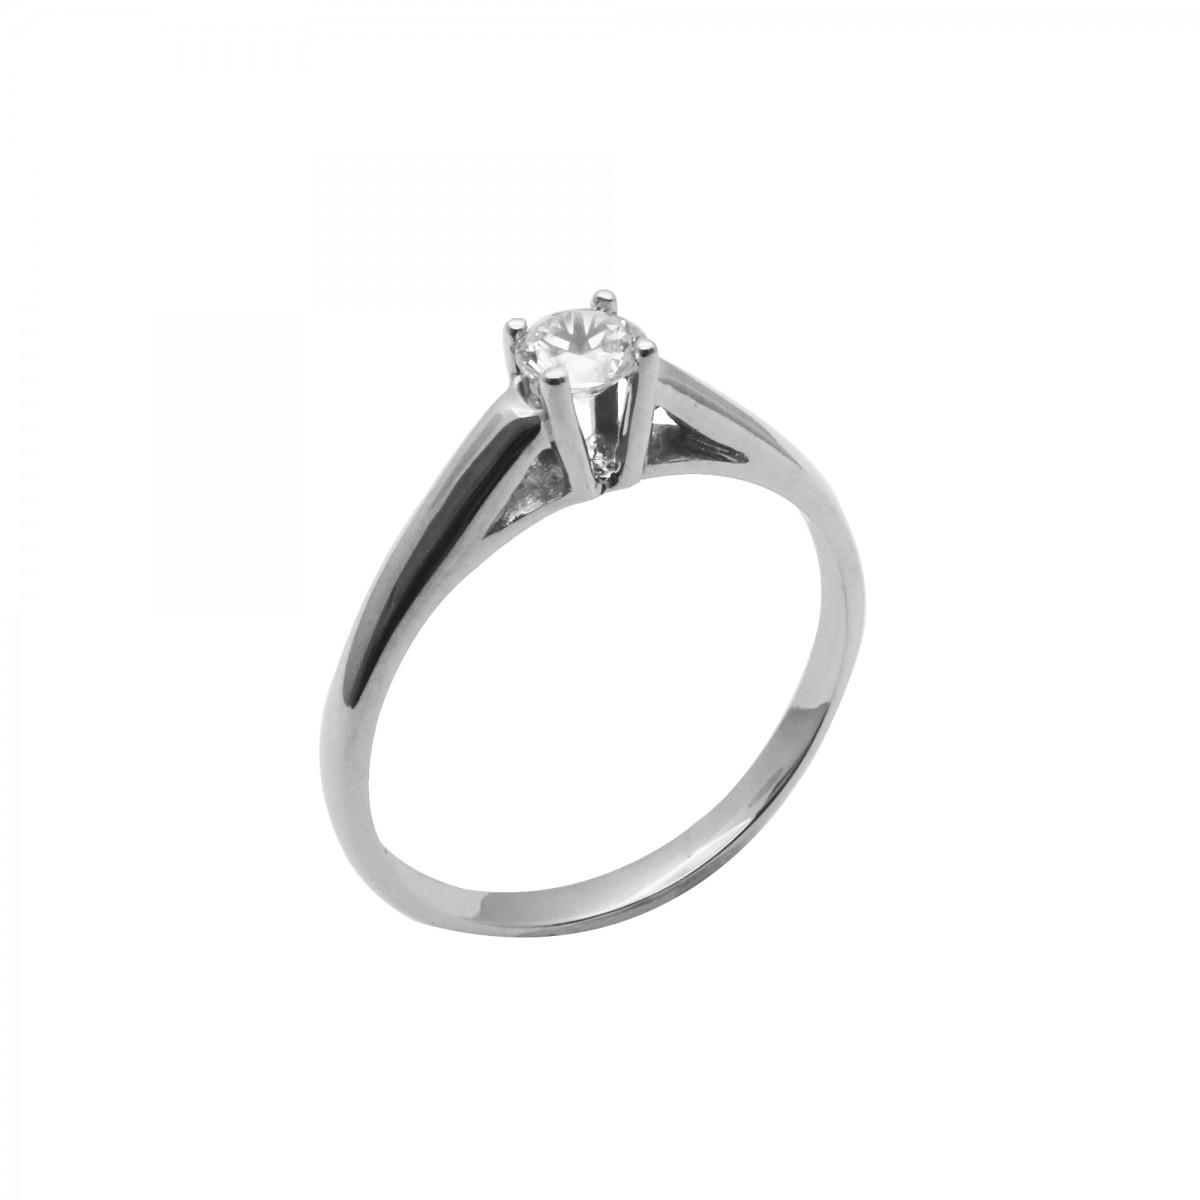 Μονόπετρο δαχτυλίδι λευκόχρυσο 18 καράτια με διαμάντι - 568€ 8471485df82